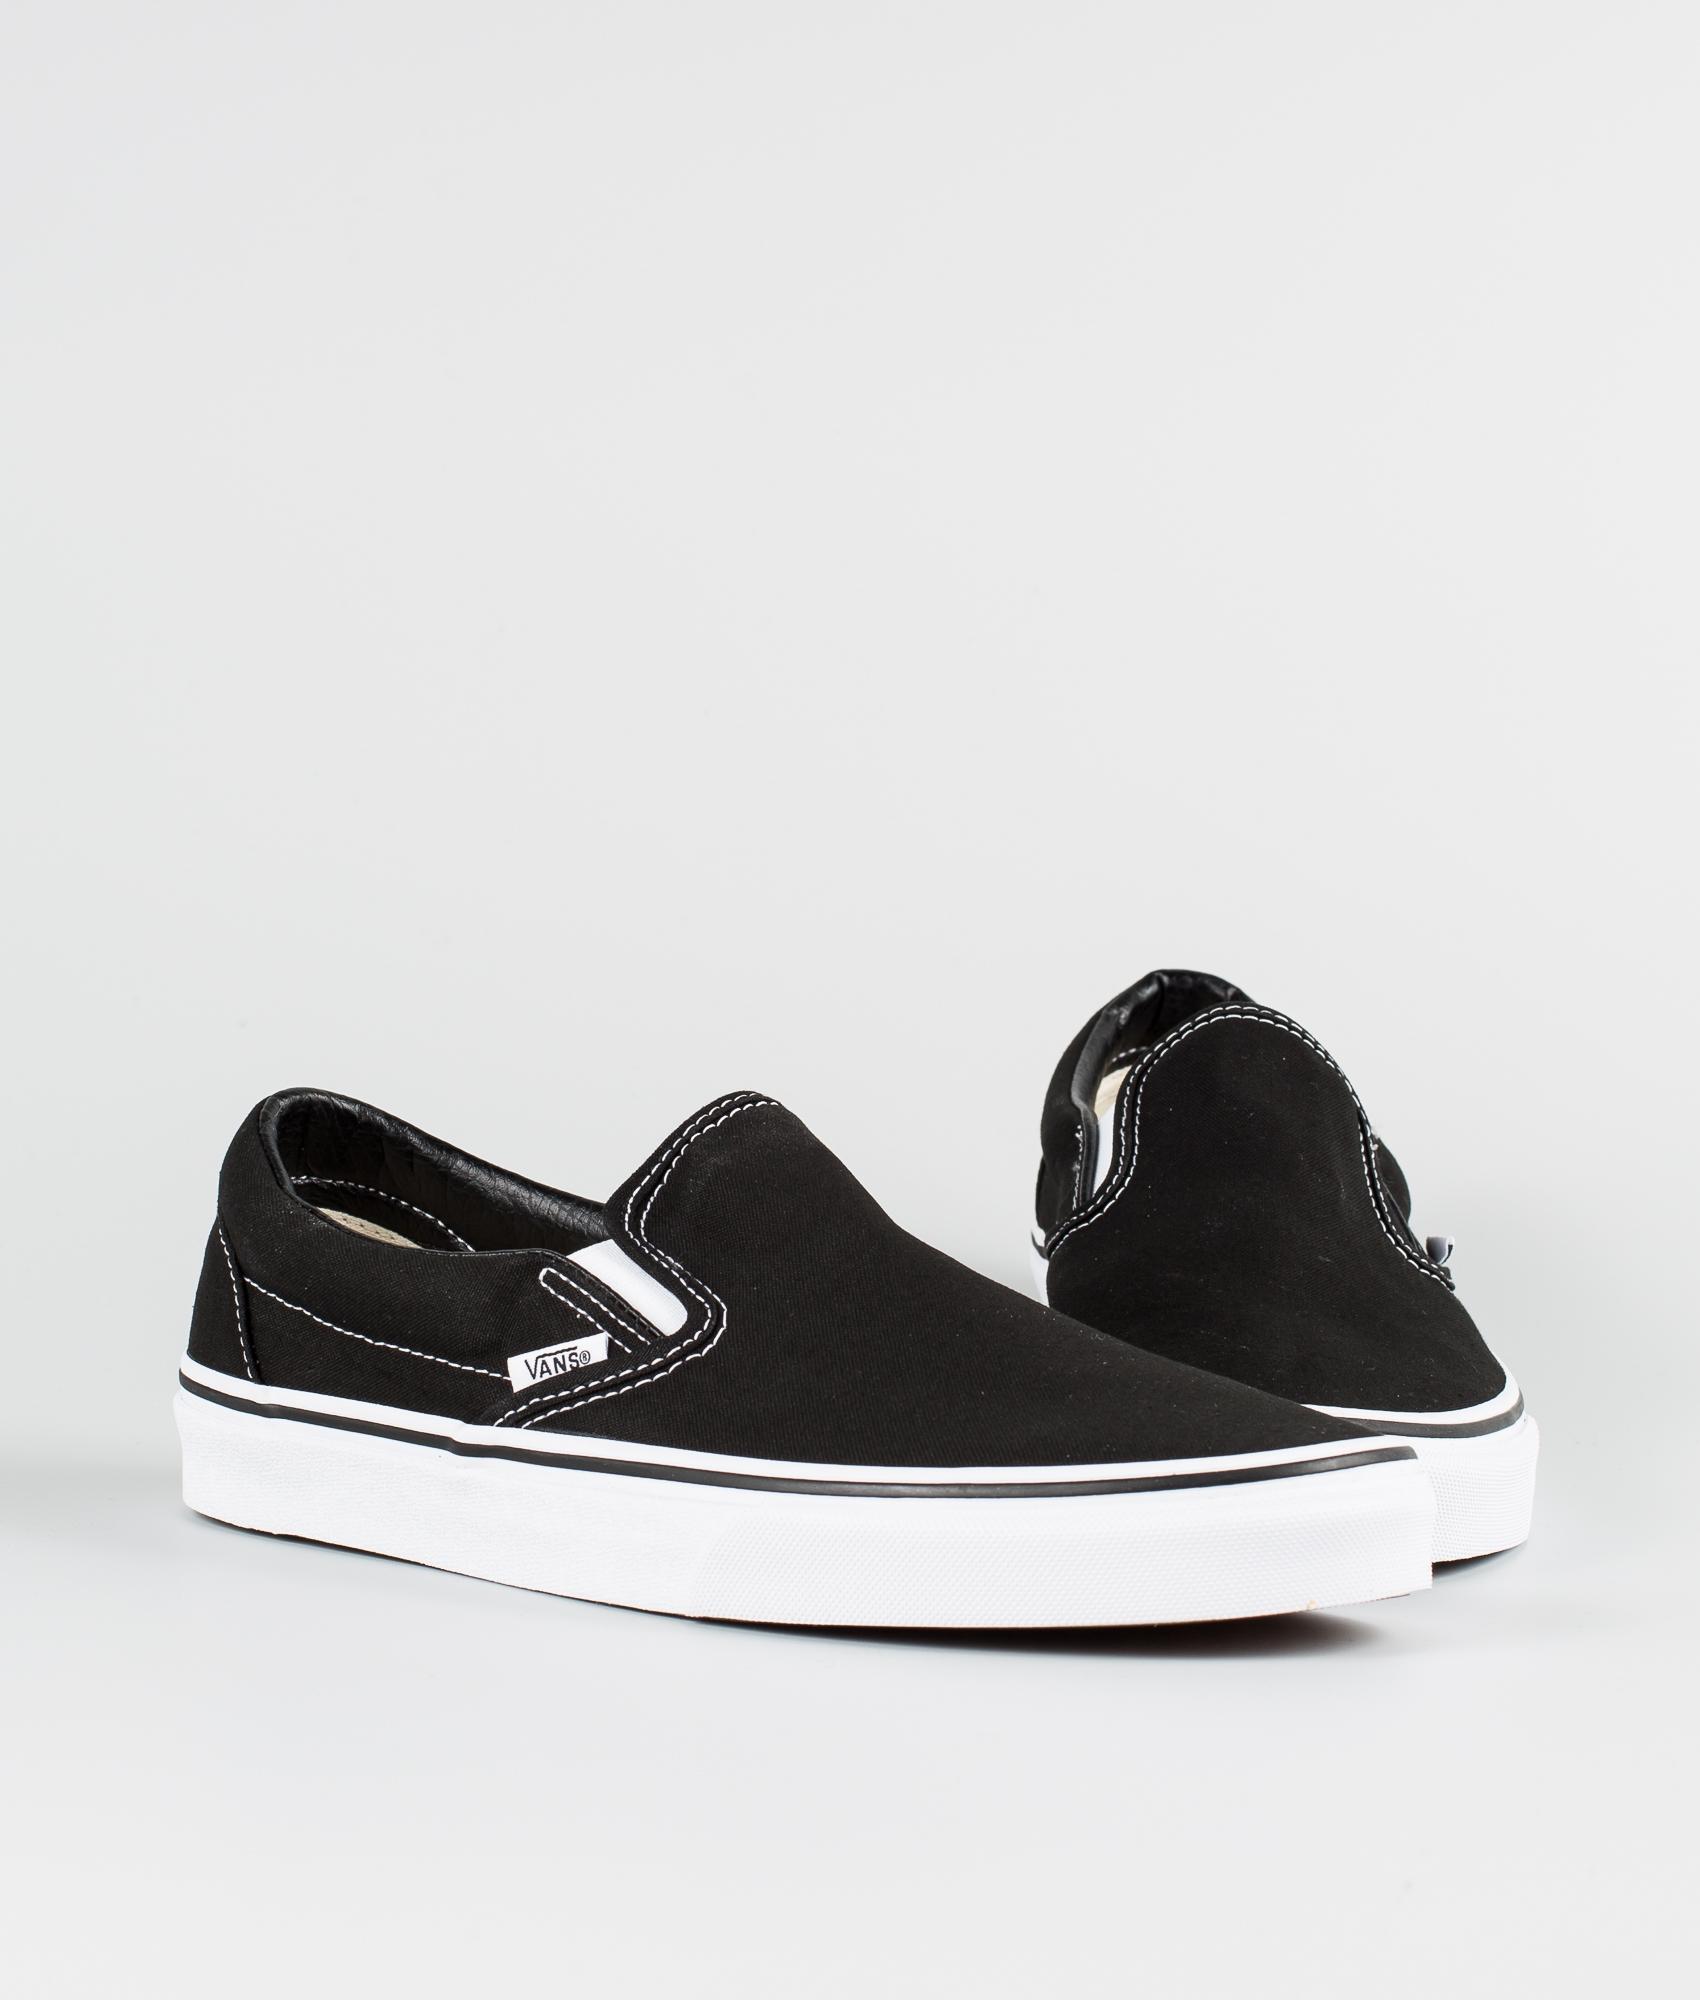 Vans Classic Slip-On Schuhe Black